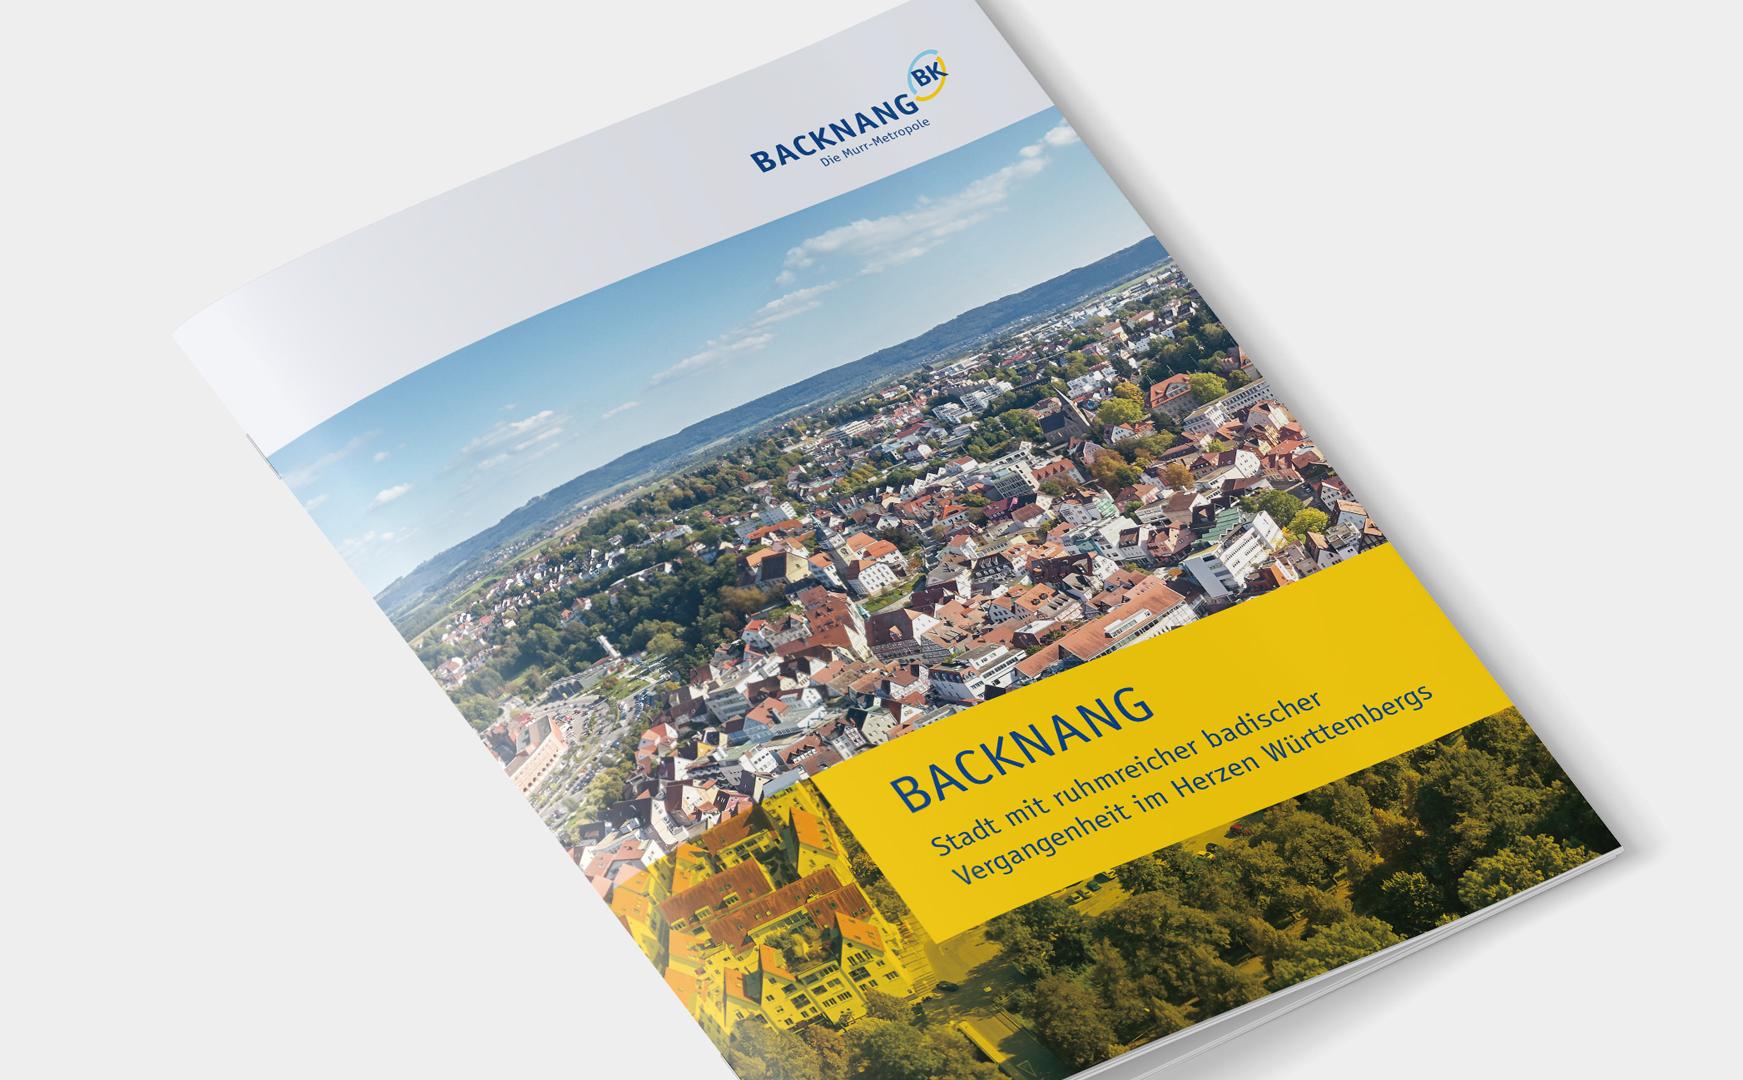 Backnang Imagebroschüre